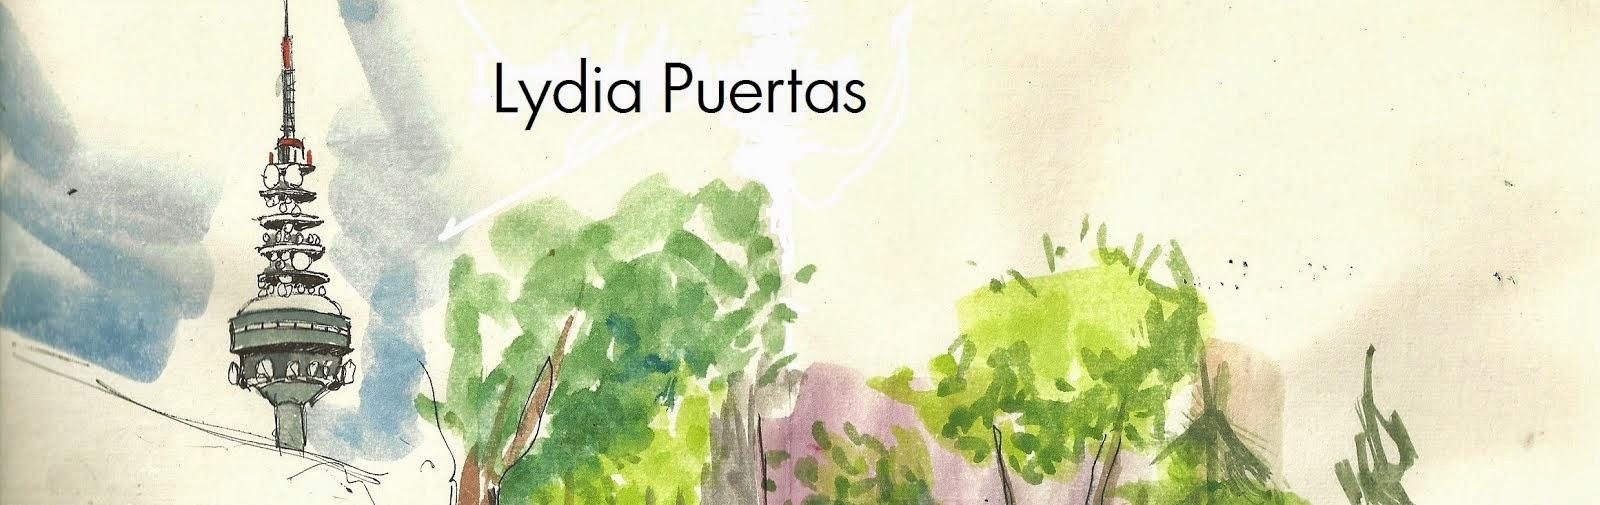 Lydia Puertas